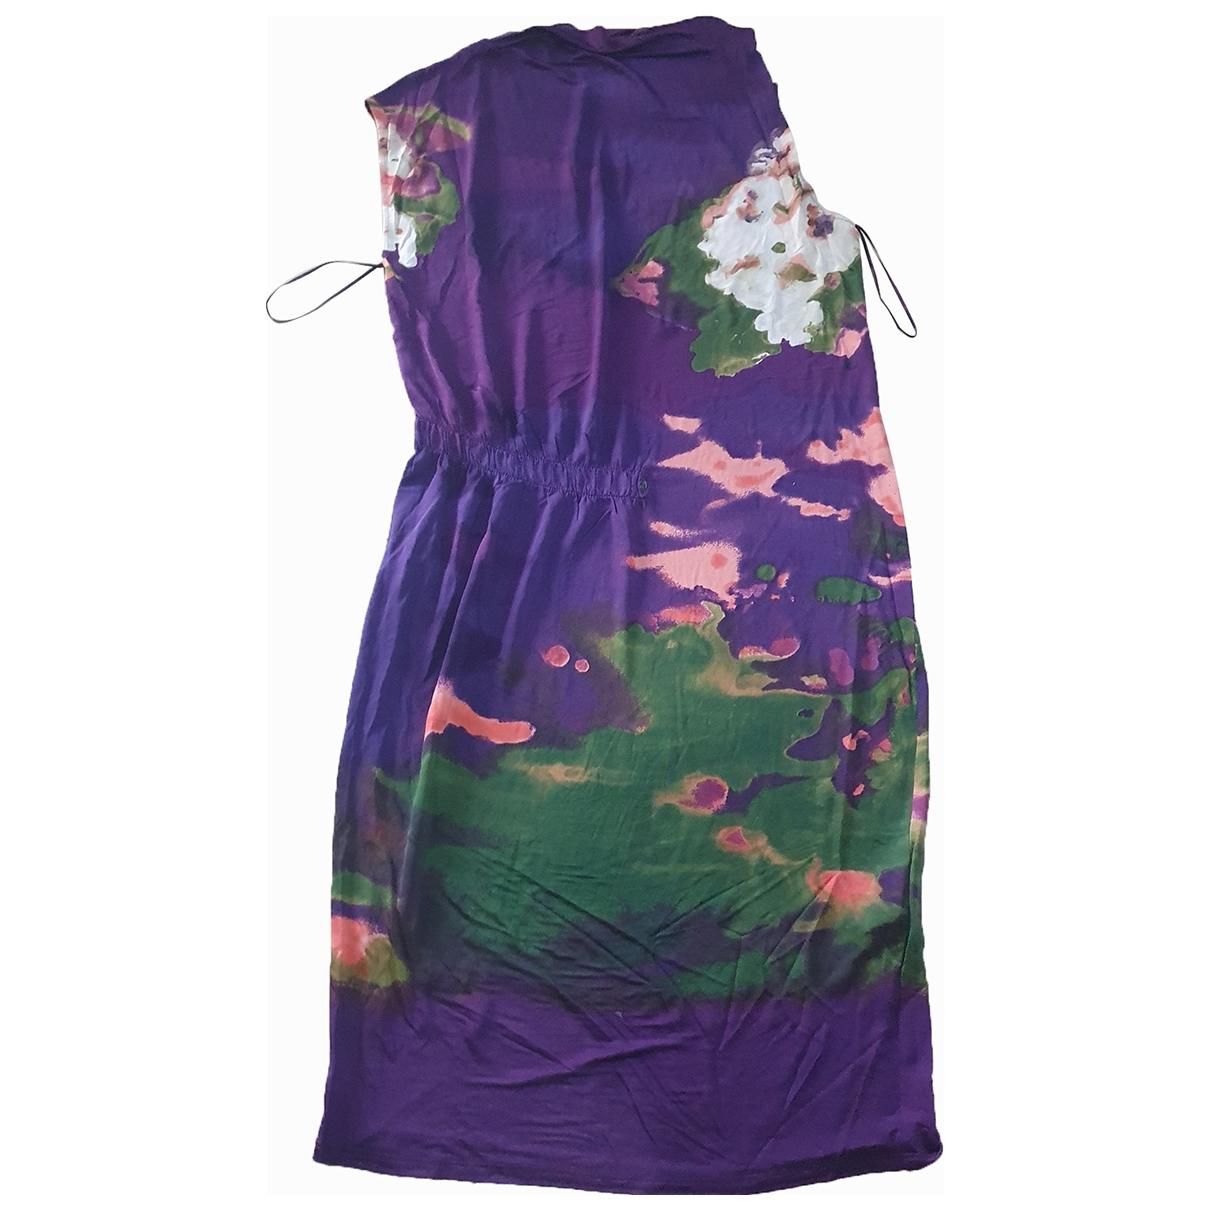 Max Mara \N Purple dress for Women 46 IT